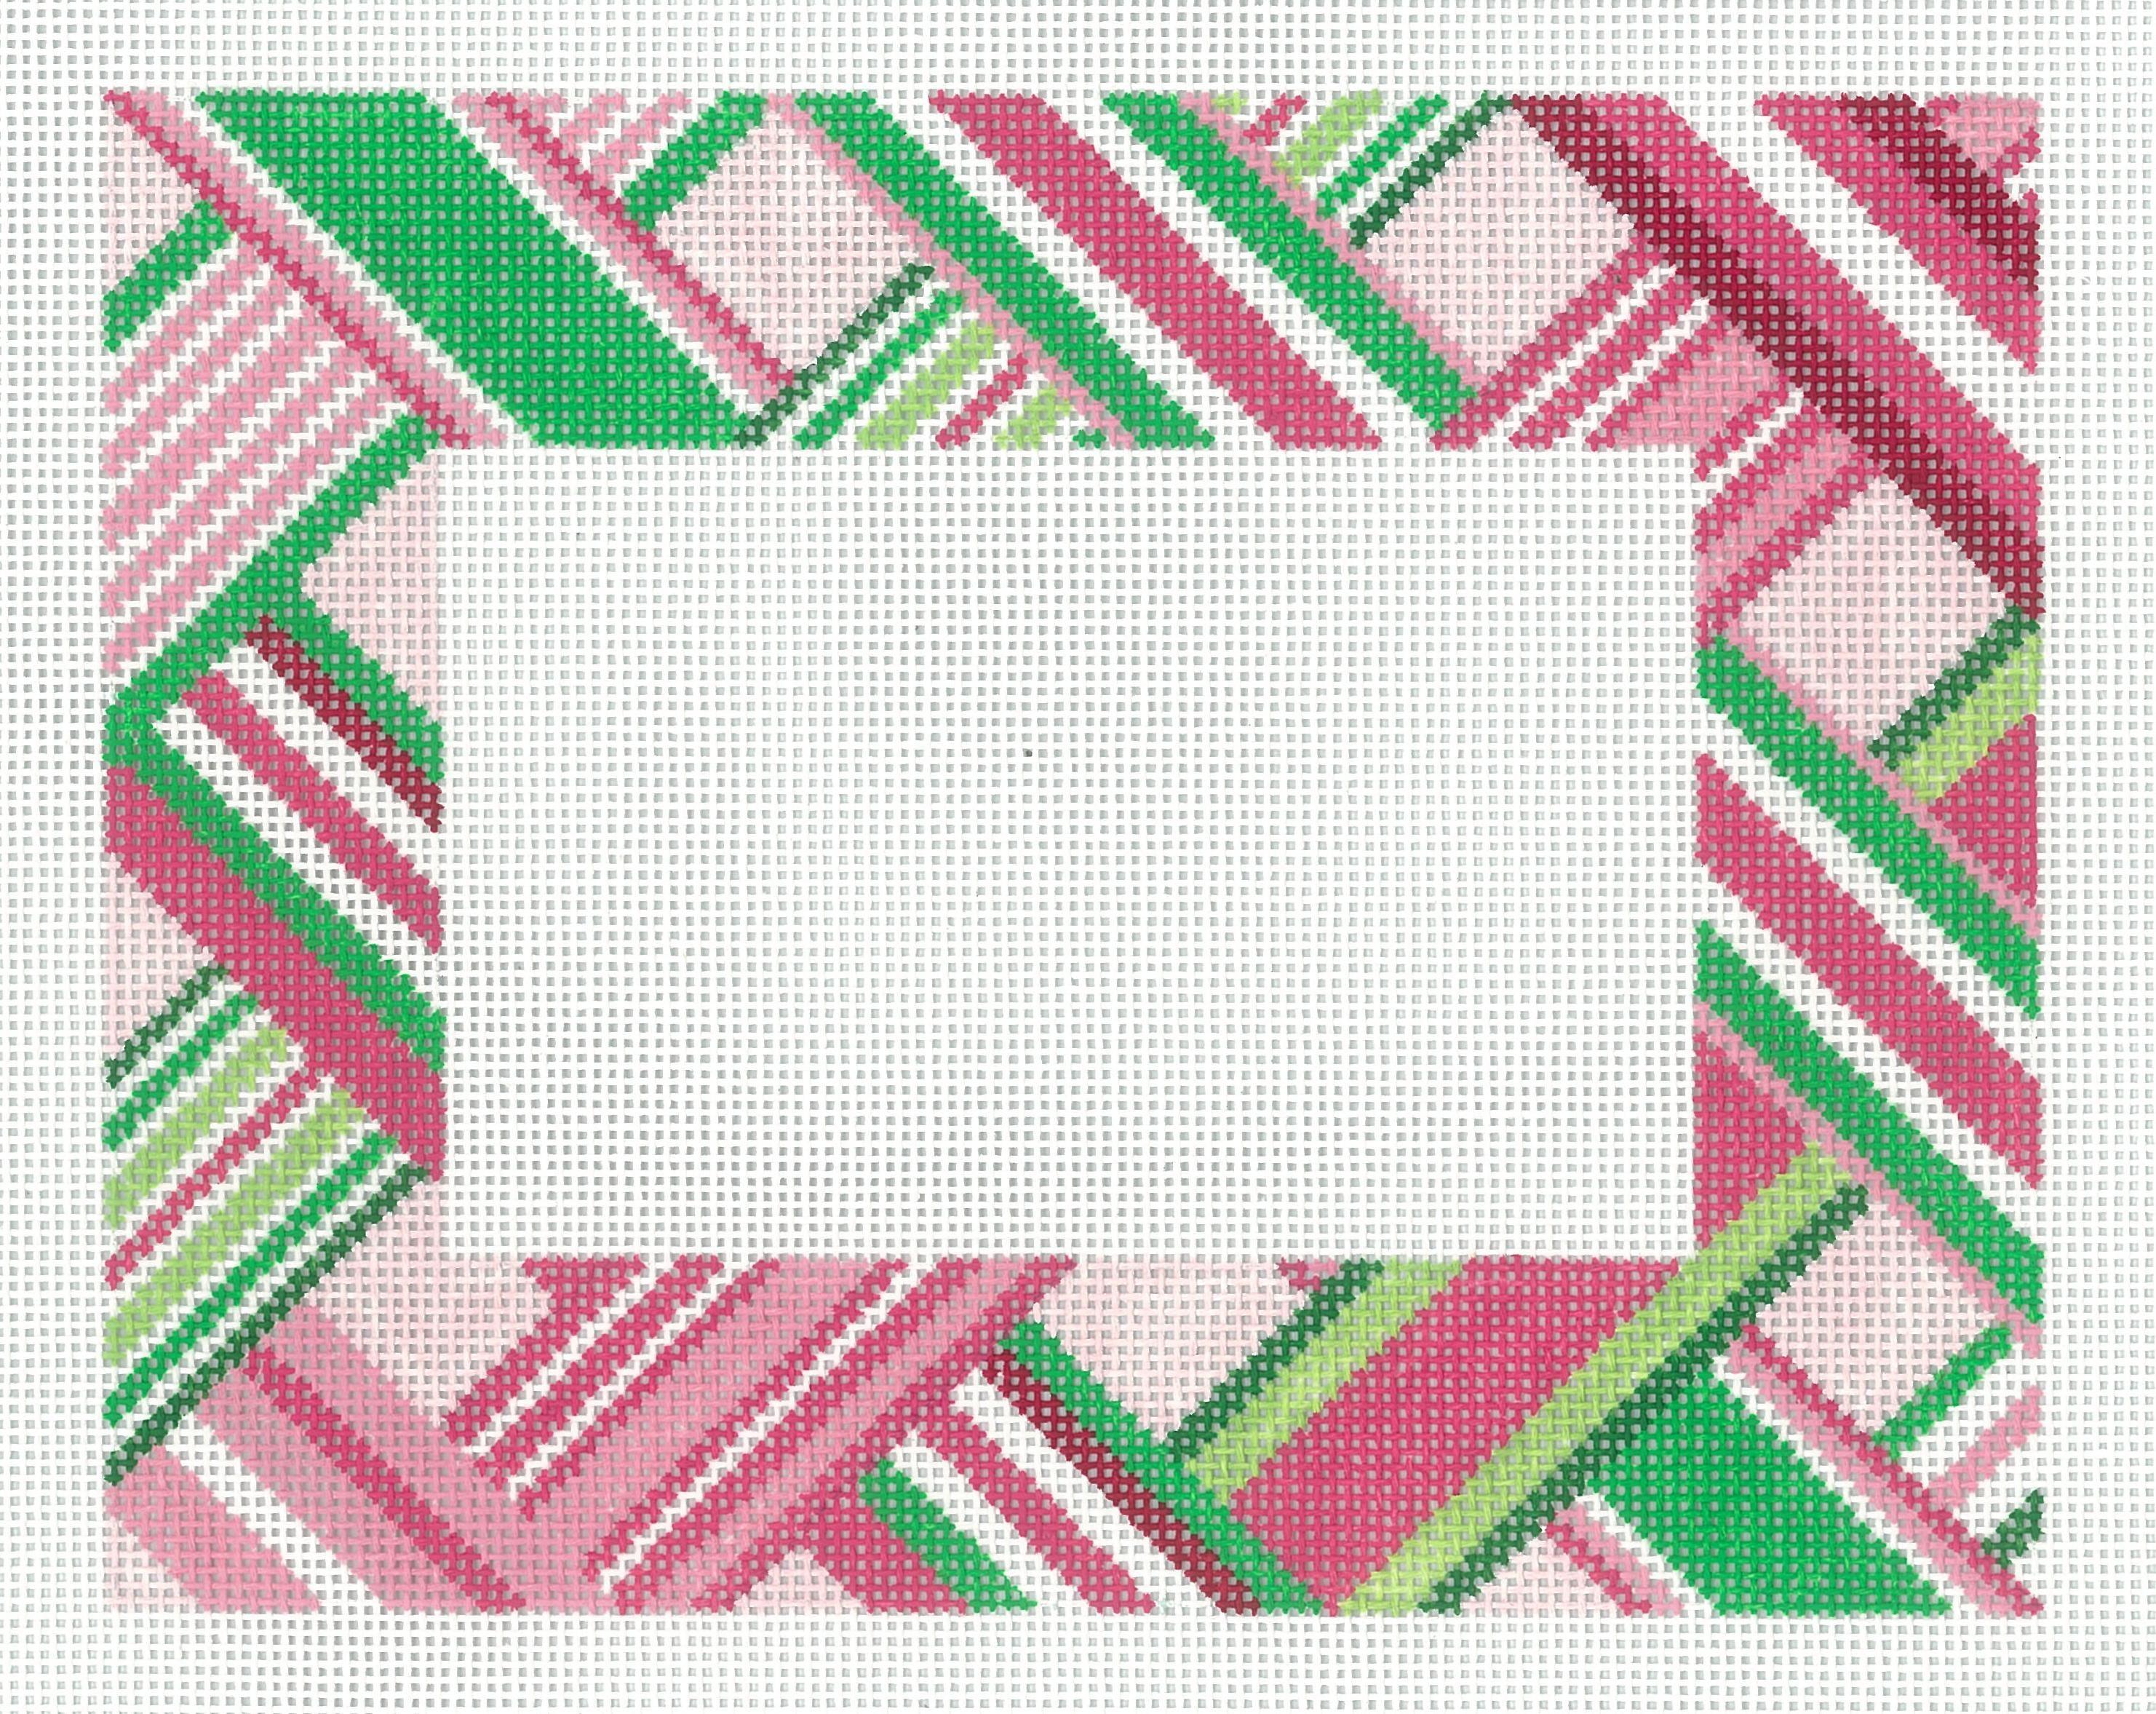 F03 Pink Ribbon Frame.jpg 2,963×2,355 pixels   * * * * *N*e*E*d*L*e ...